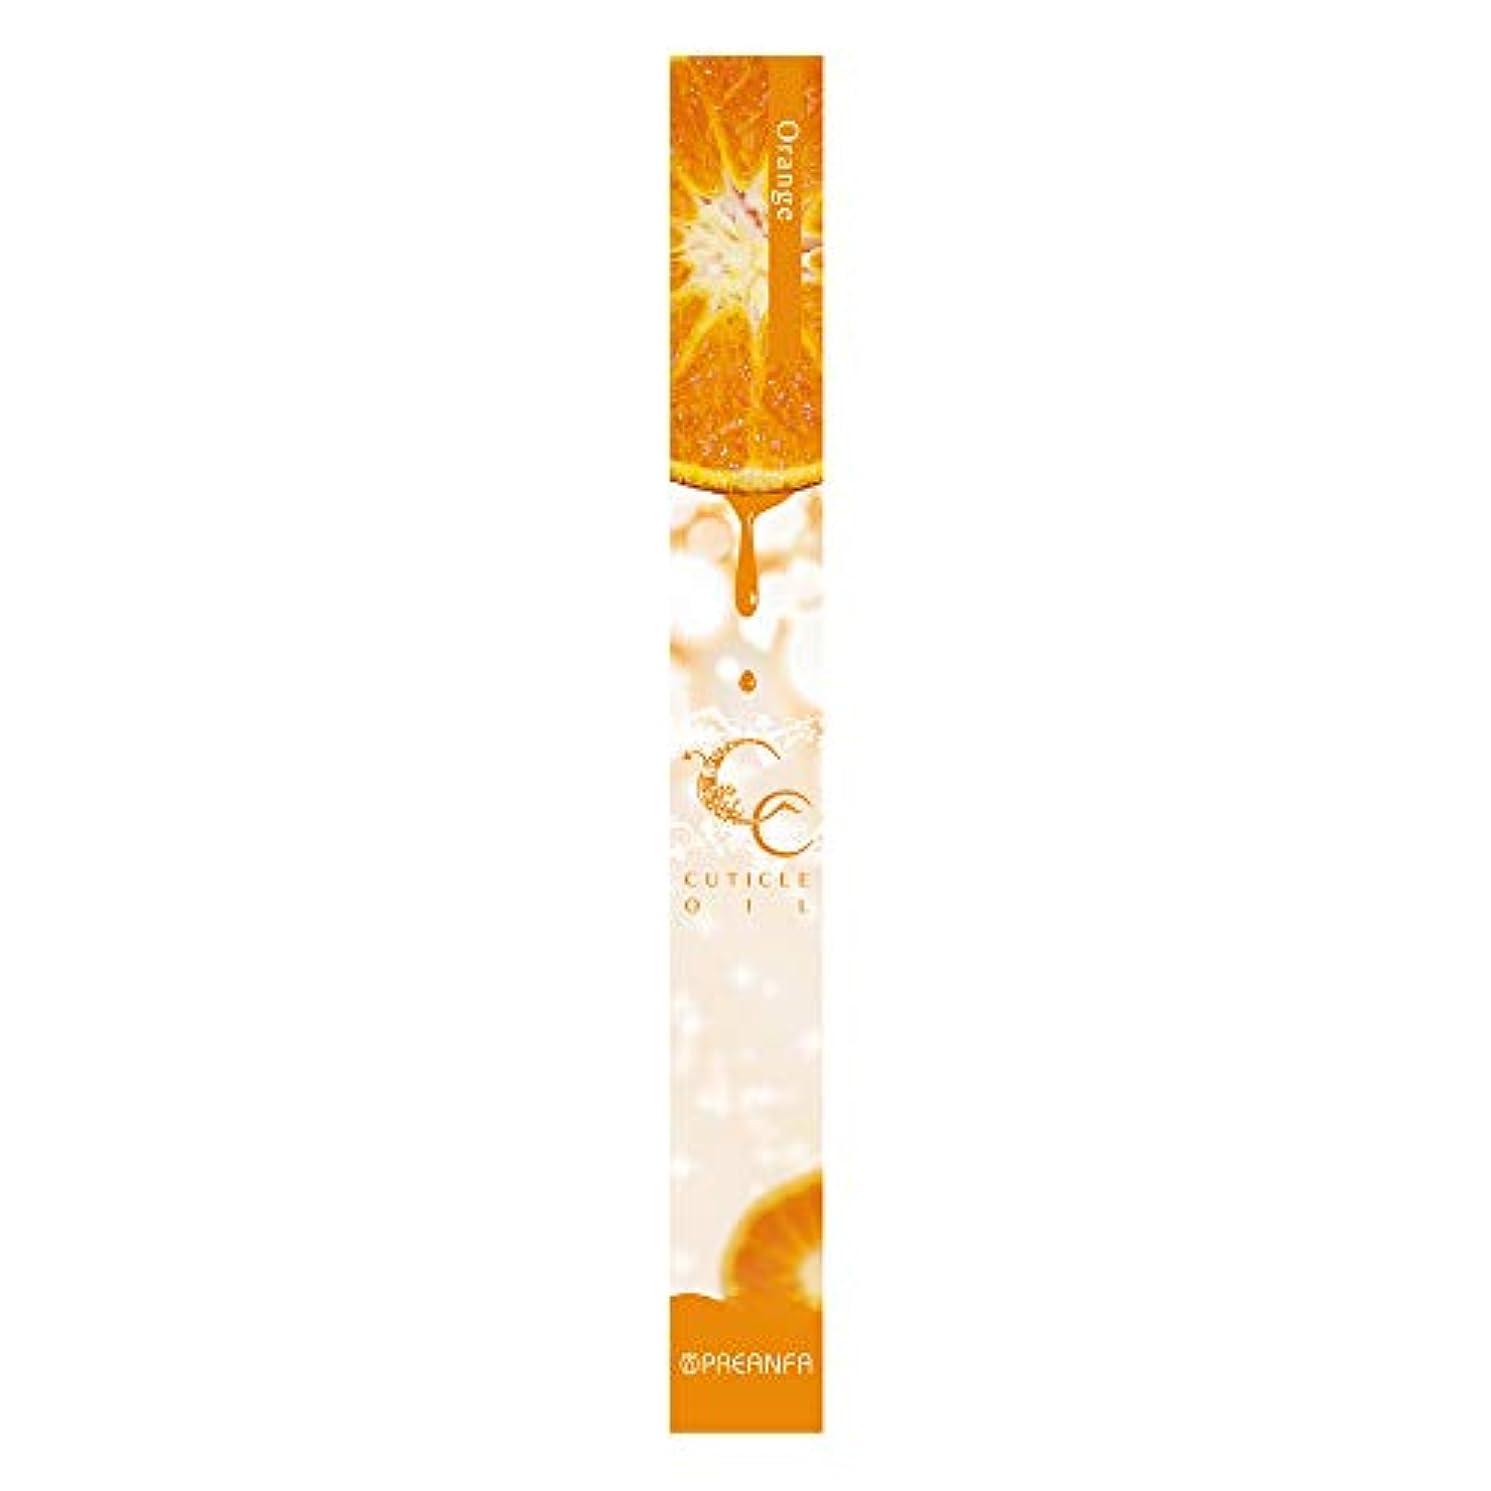 上級実現可能性追い払うプリジェル 甘皮ケア CCキューティクルオイル オレンジ 4.5g 保湿オイル ペンタイプ